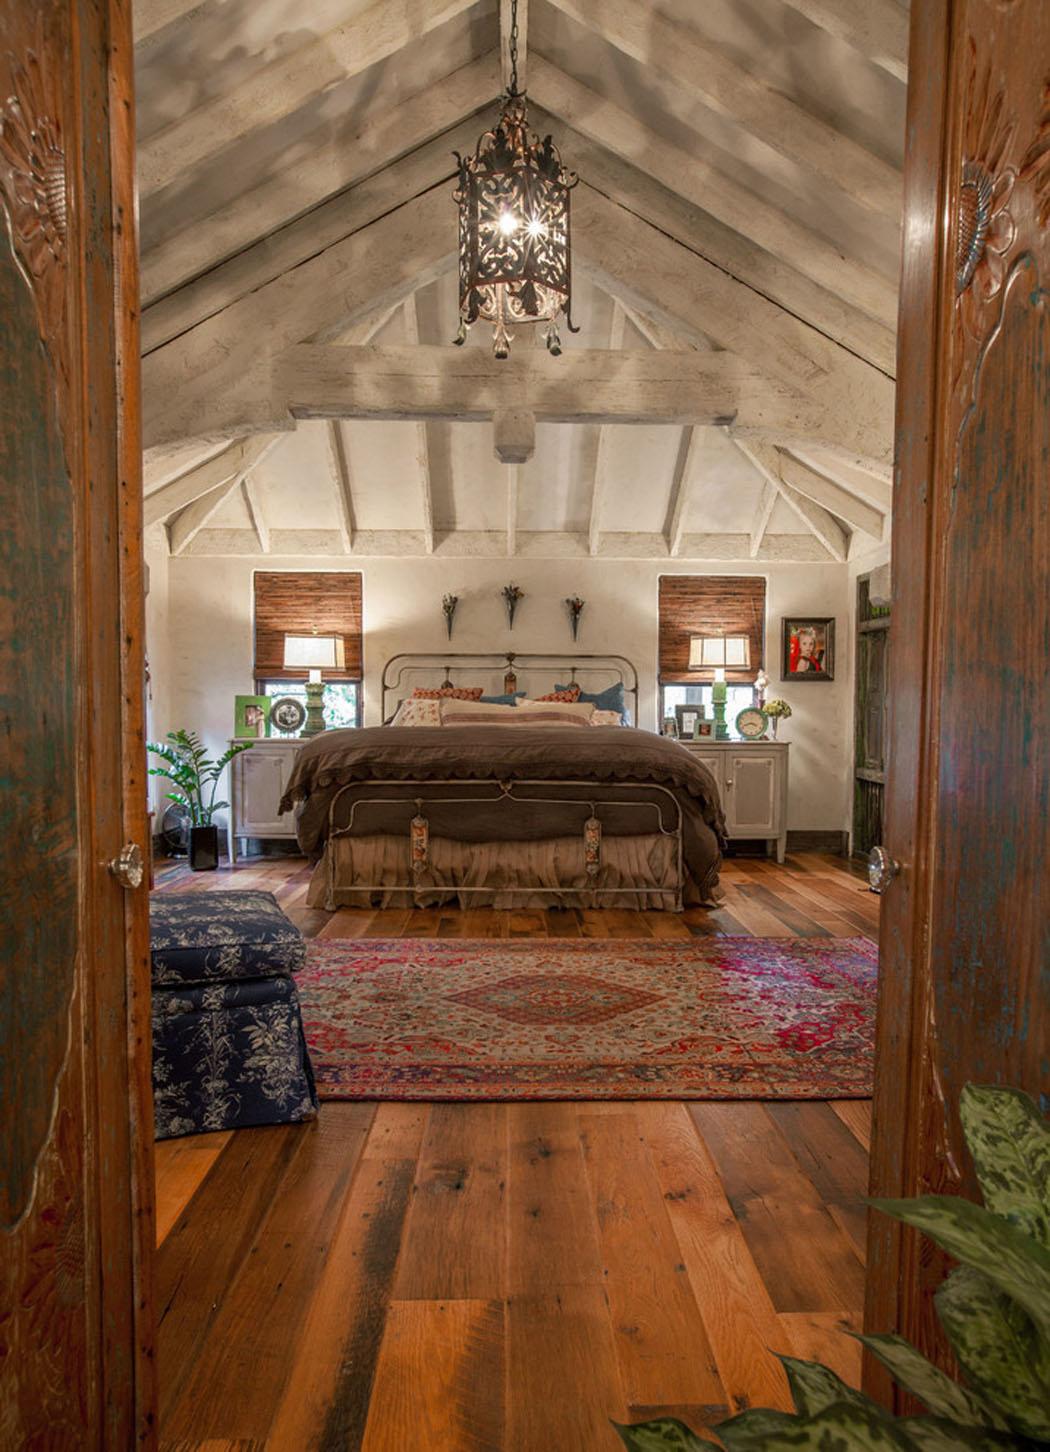 Maison rustique l int rieur en bois et ambiance bien for Decoration poutre apparente